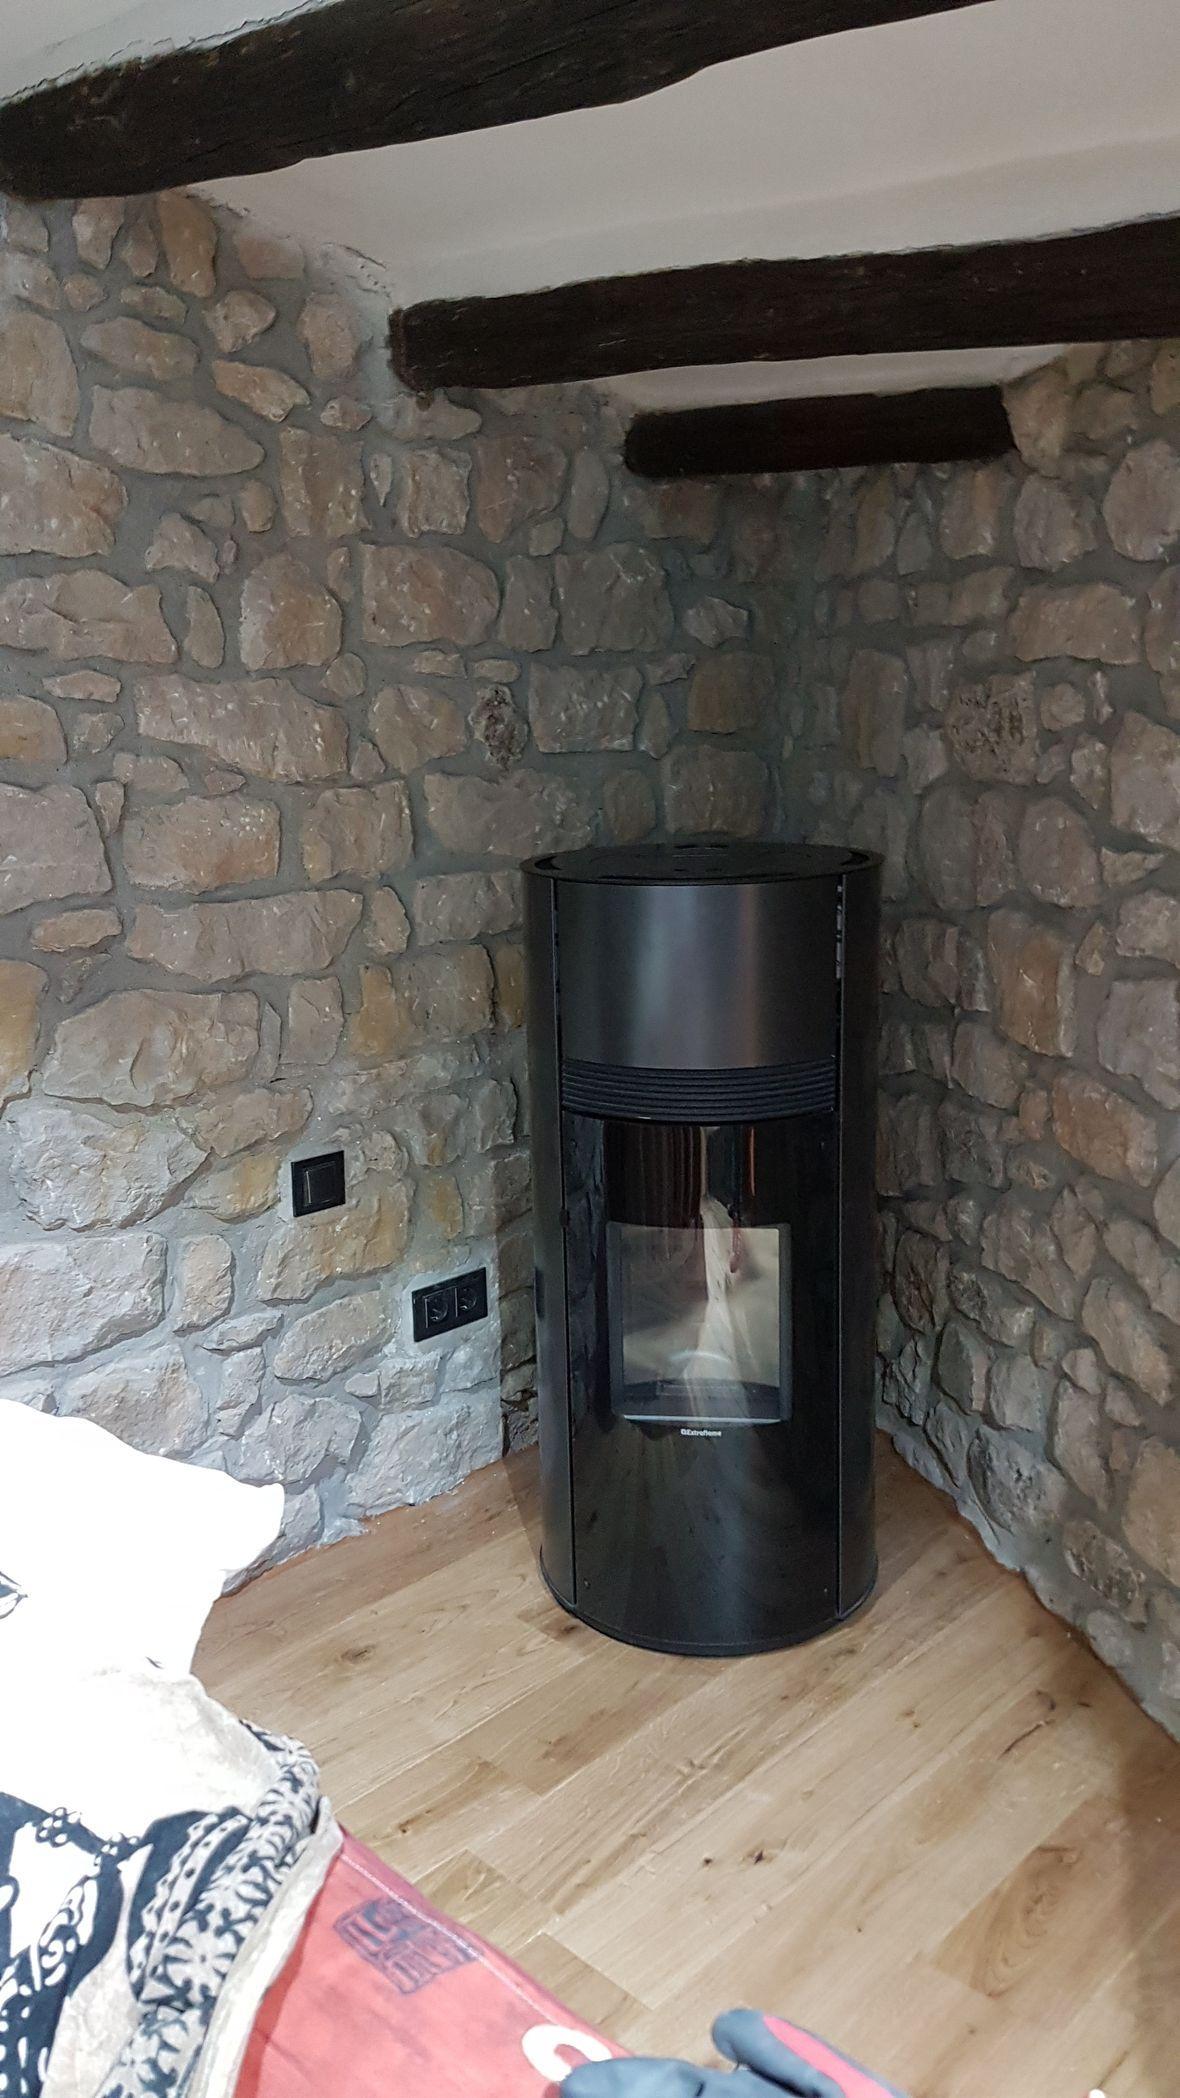 Instalación de calderas y estufas en Lleida